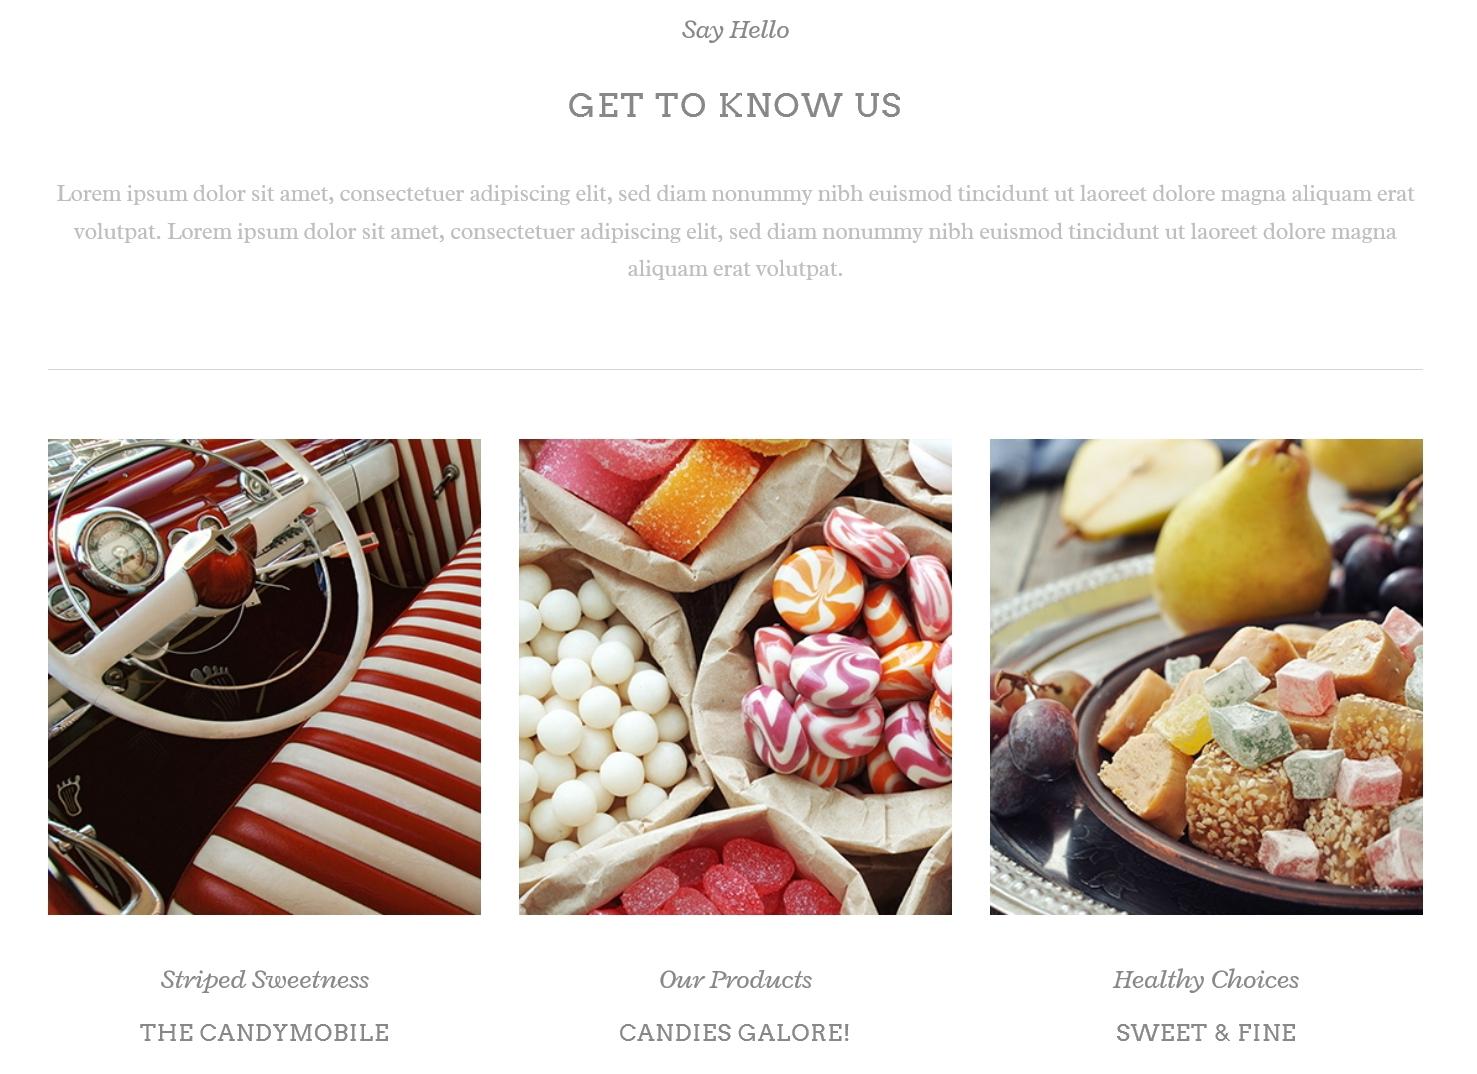 表面功夫版型參考-餐飲服務業-Lollipops-Home Page A-2